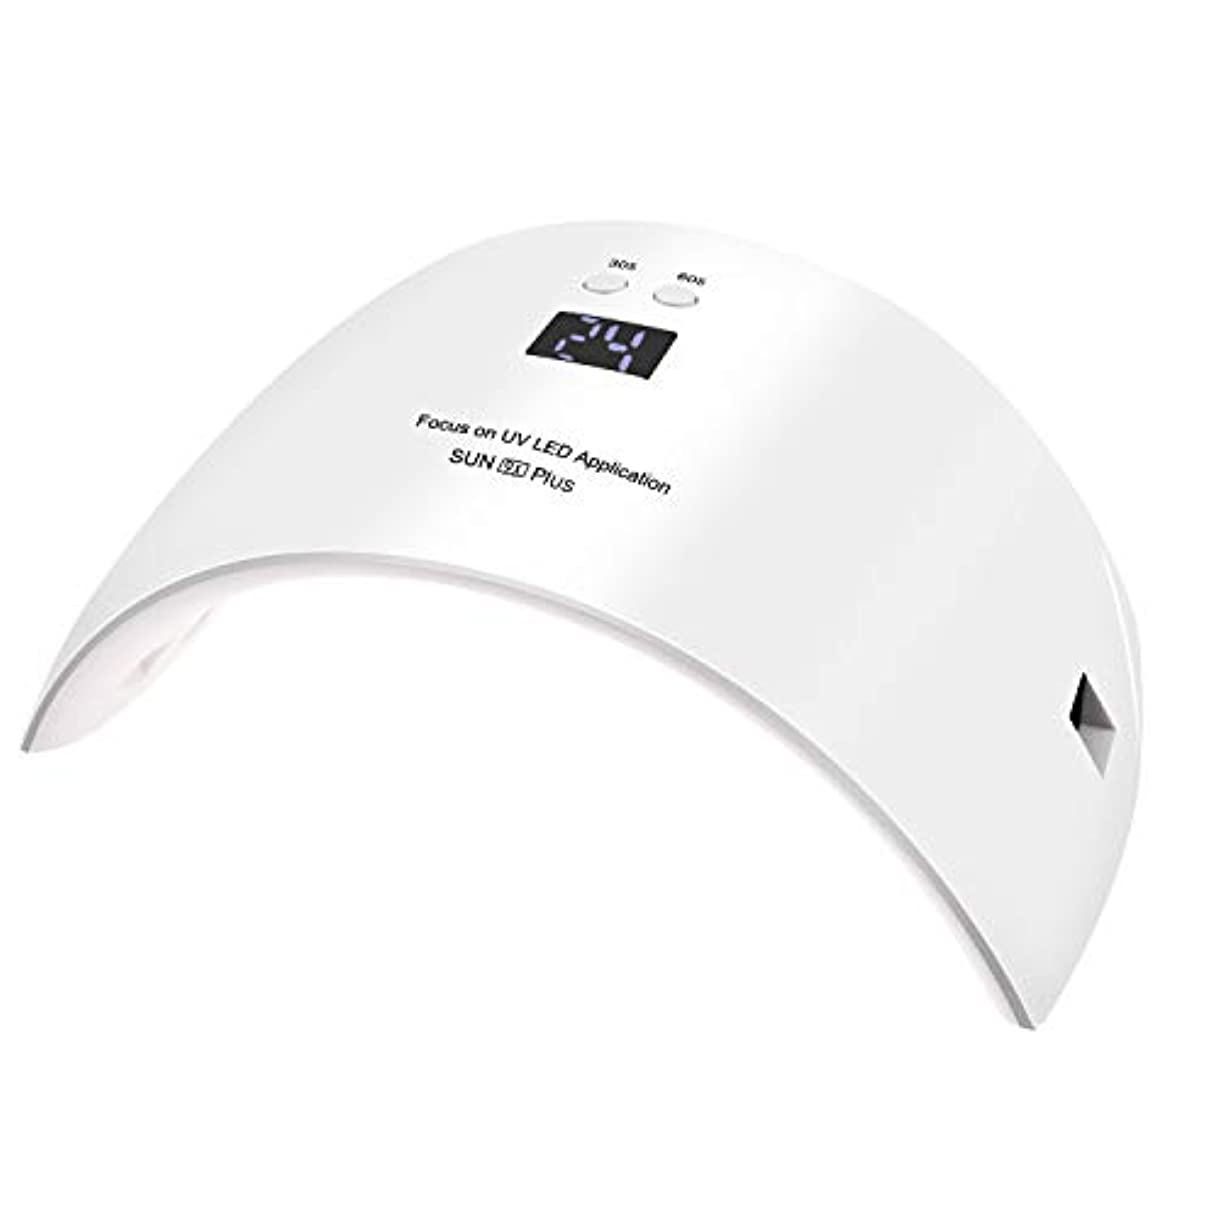 休憩する限り現象Heshare LED ネイルドライヤー 36W UVライト レジン用 UV ネイルライト 硬化用 セルフネイル タイマー機能 自動センサー機能 USB式 日本語説明書付き (36w)